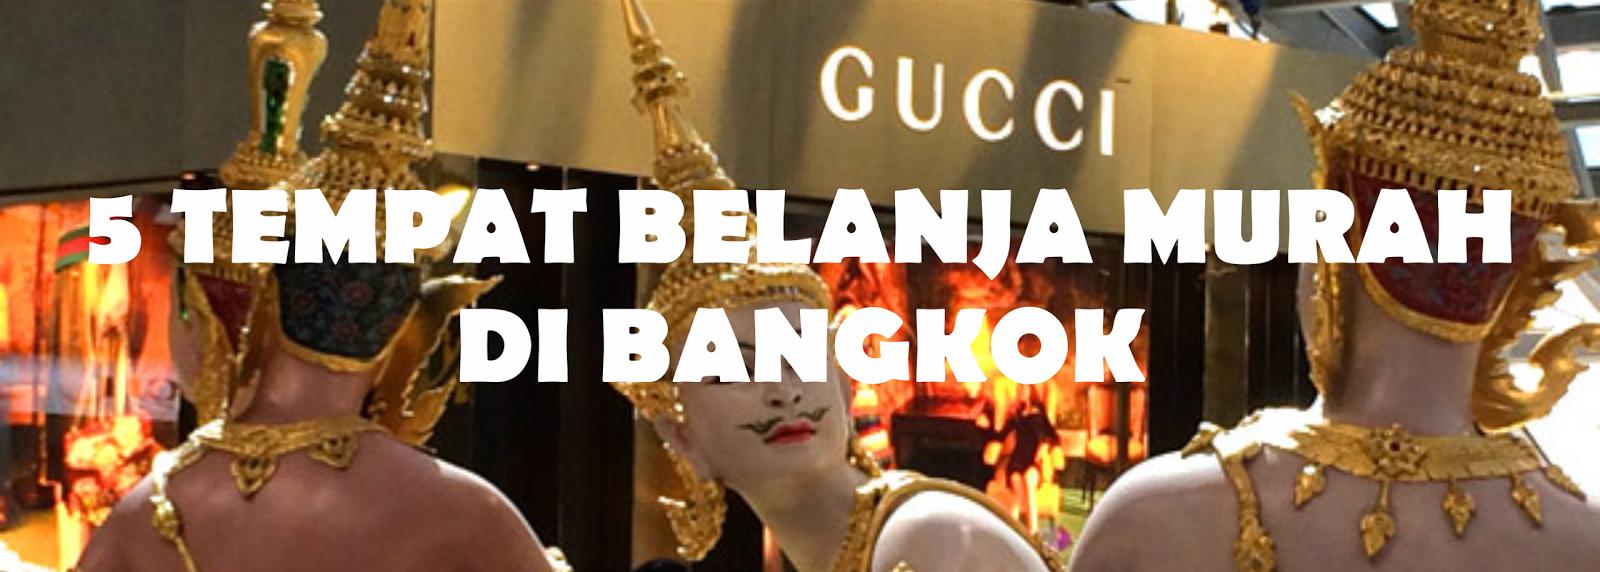 Whatever Im Backpacker 5 Tempat Belanja Murah Di Bangkok Yang Like Follow Instagram Semua Negara Banyak Orang Gak Tau